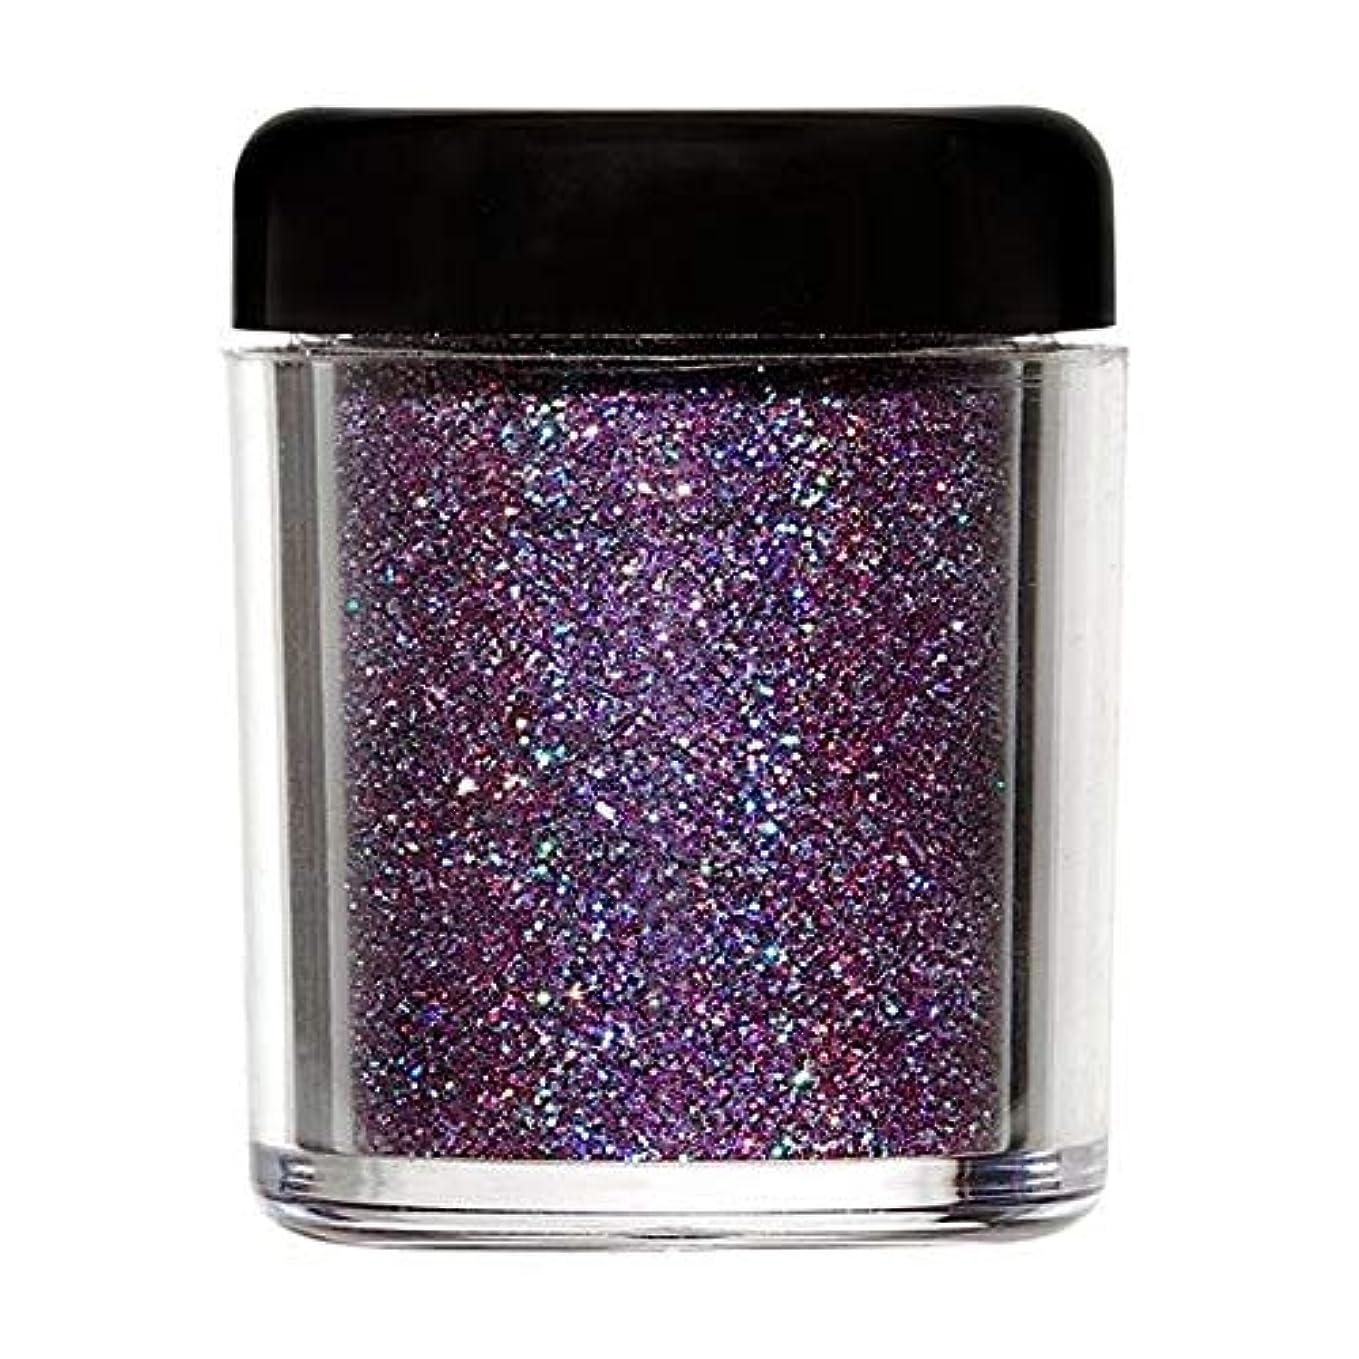 ロードされた学習者プレーヤー[Barry M ] バリーメートルのグリッターラッシュボディの輝き - 紫外線 - Barry M Glitter Rush Body Glitter - Ultraviolet [並行輸入品]